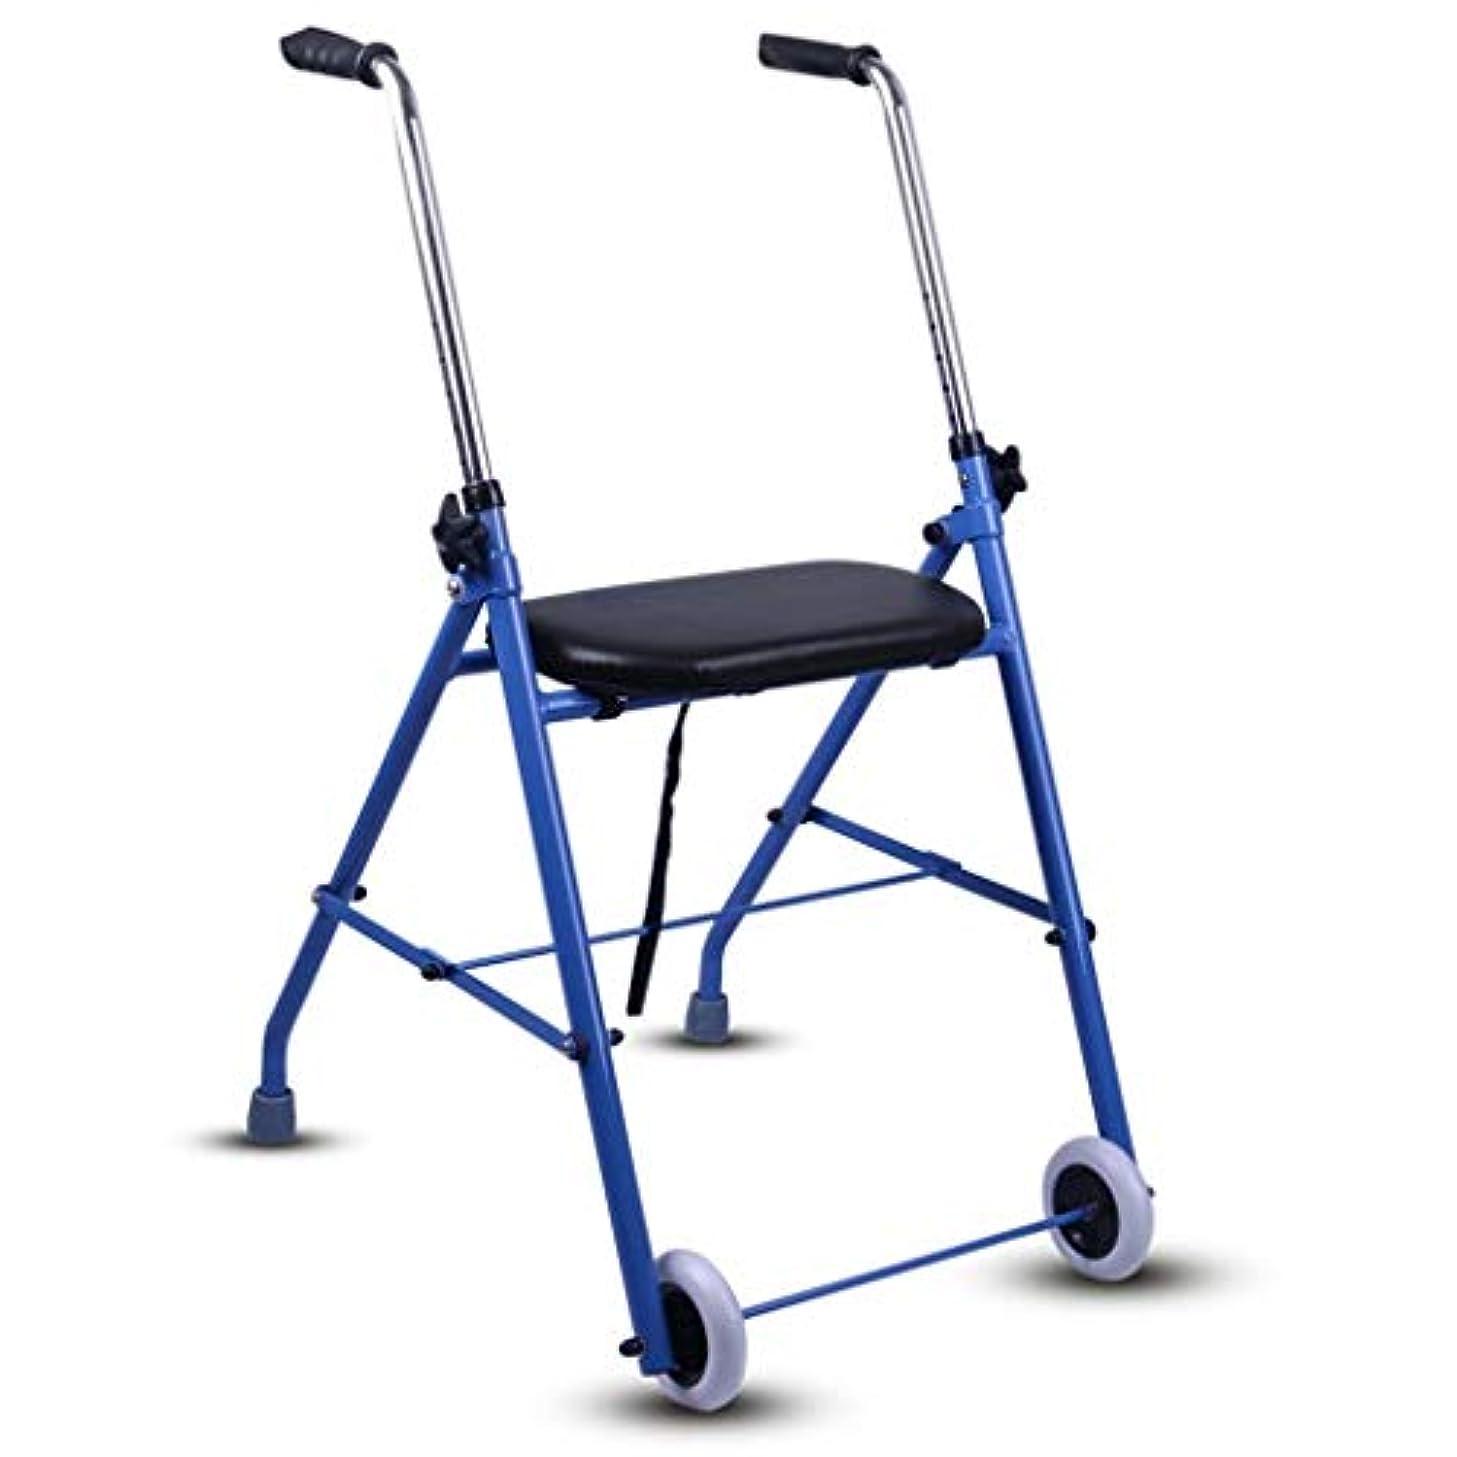 小包俳句敵パッド入りシート、高さ調節可能ハンドル、背部サポート付き高齢者向け折りたたみ補助歩行器付き軽量アルミ製歩行器